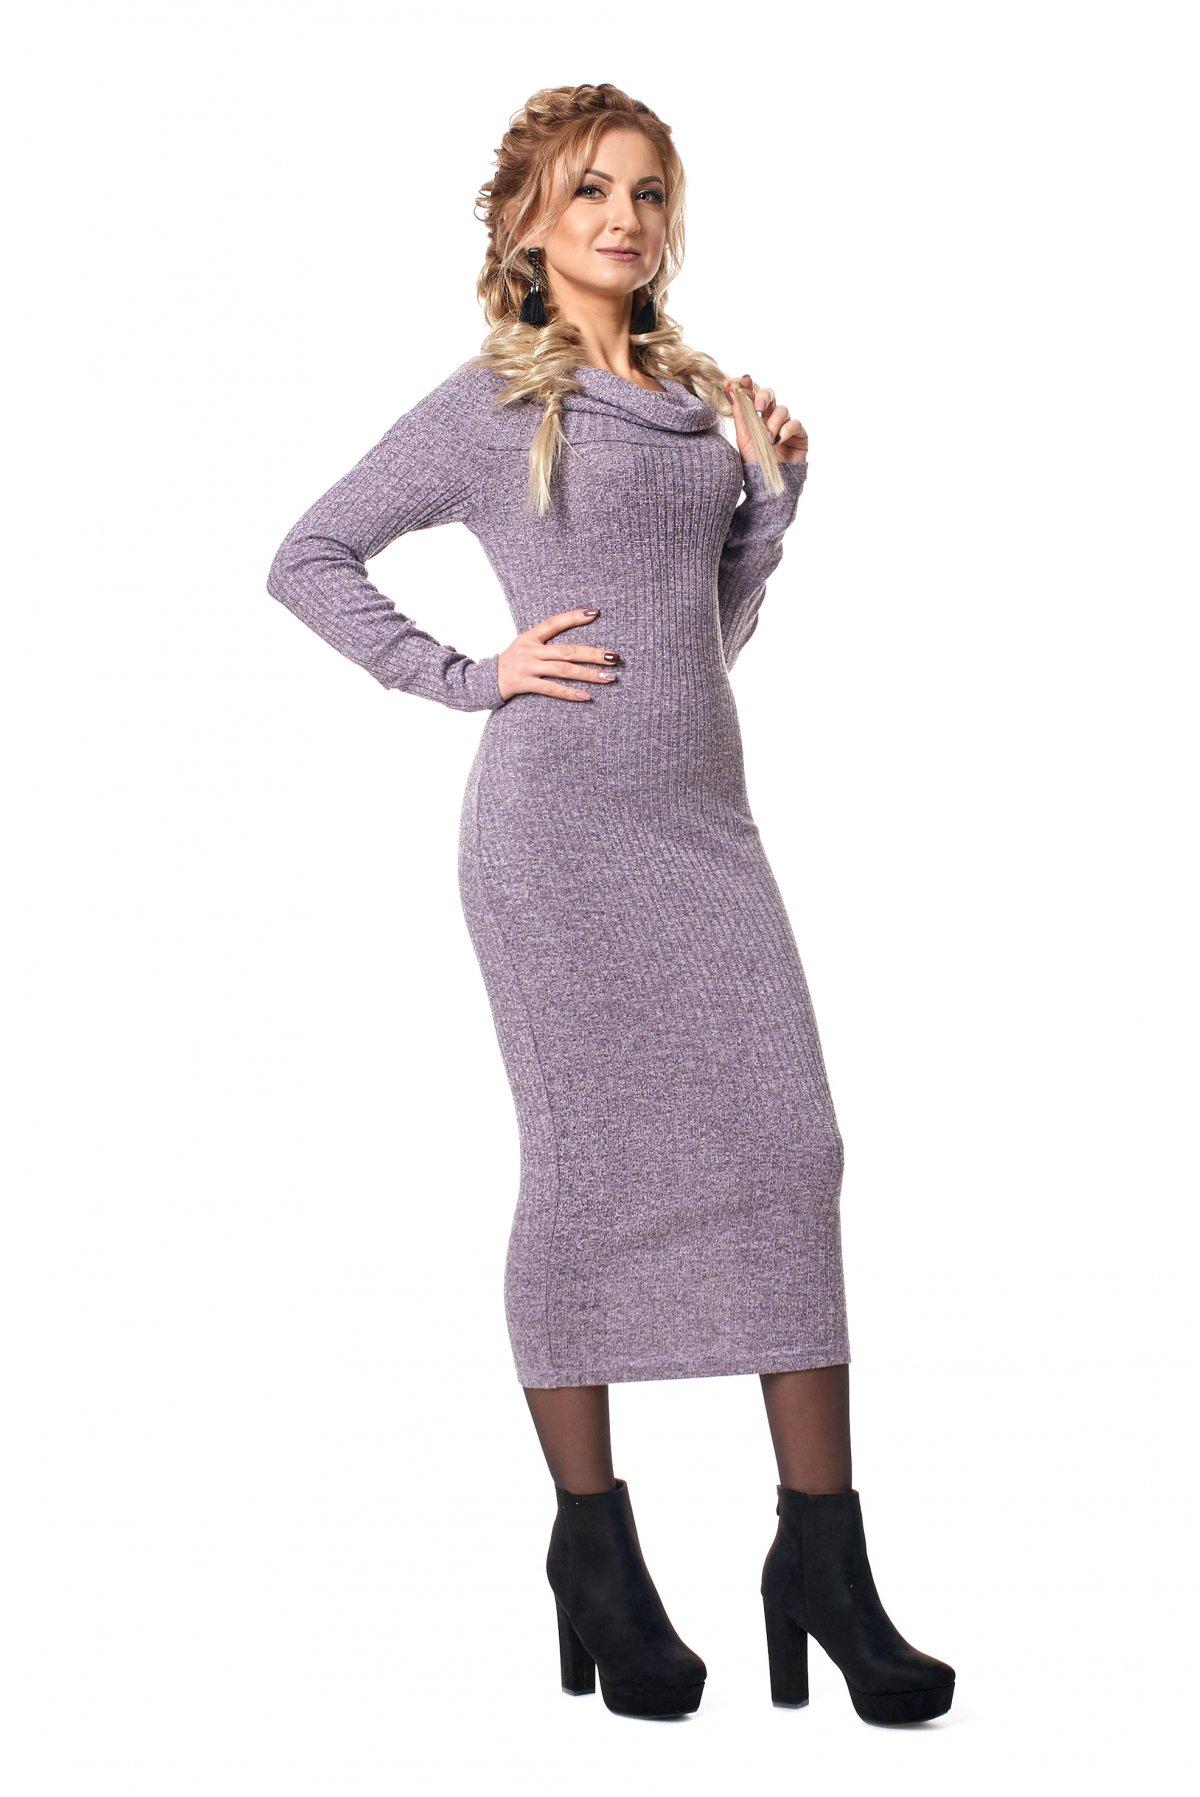 5a074f2ba04adf Жіноче довге трикотажне плаття 1022 - Товари - Купити стильні сукні ...